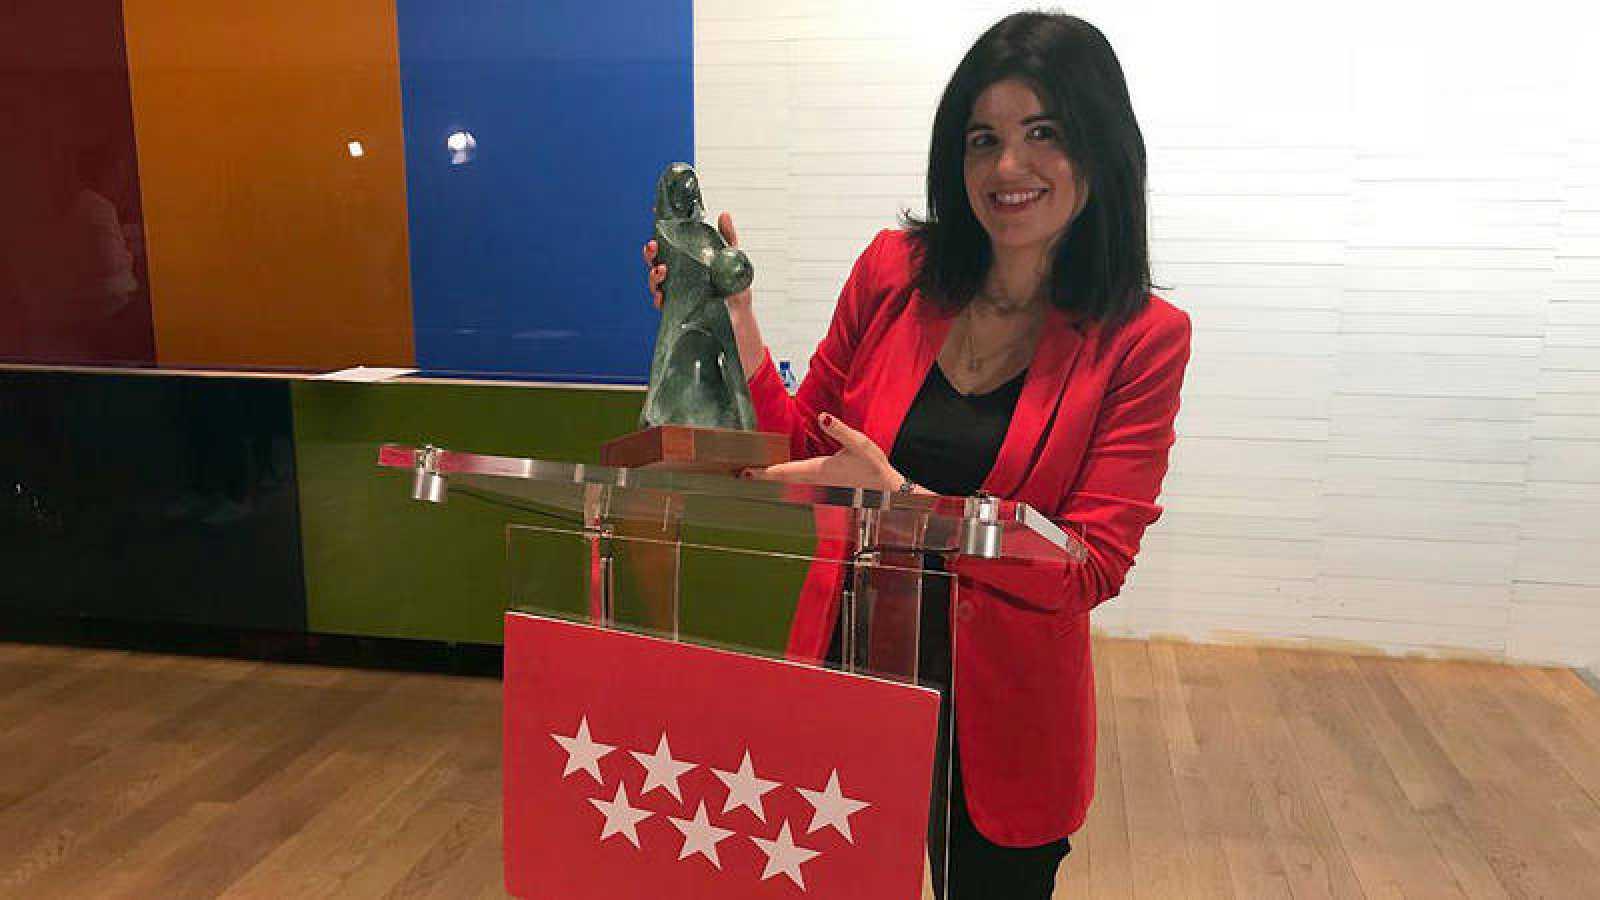 Cristina Hermoso de Mendoza recoge el Reconocimiento Infancia 2017 de la Comunidad de Madrid